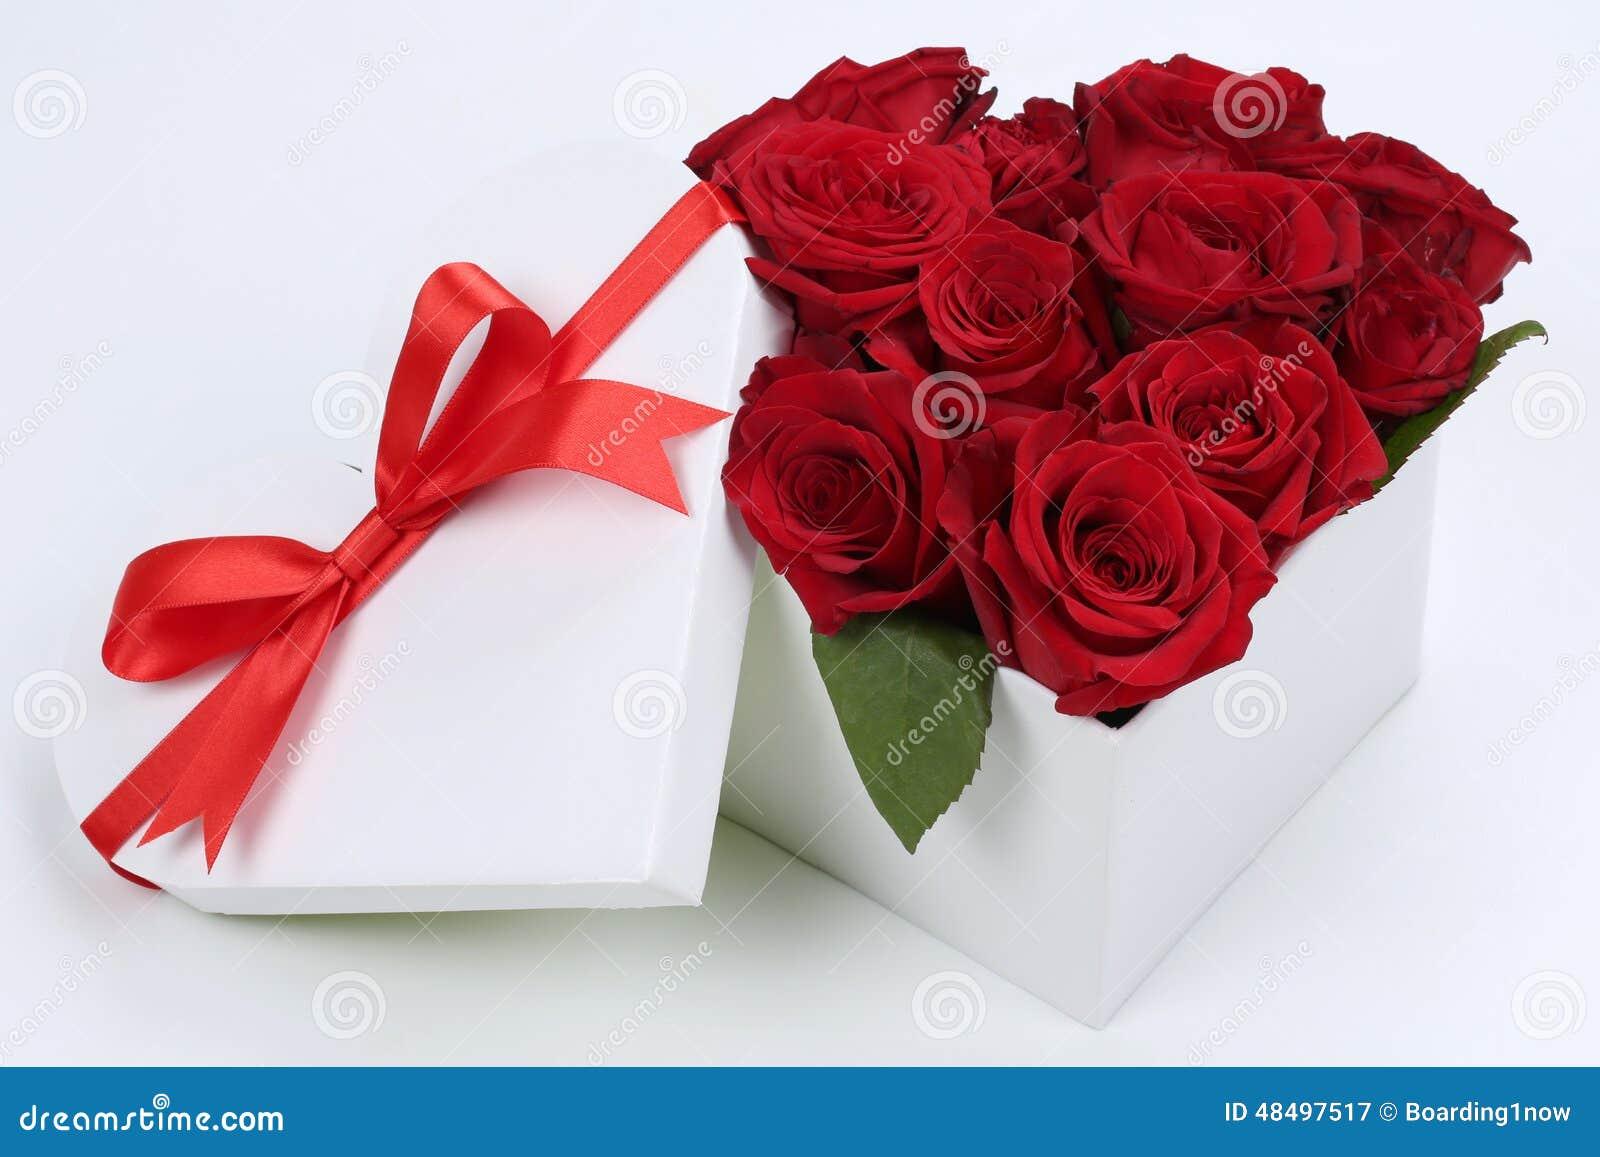 Caja De Regalo Con Las Rosas Para Los Regalos, La Tarjeta Del Día De San  Valentín O La Madre De Cumpleaños Imagen de archivo - Imagen de rosas,  regalo: 48497517